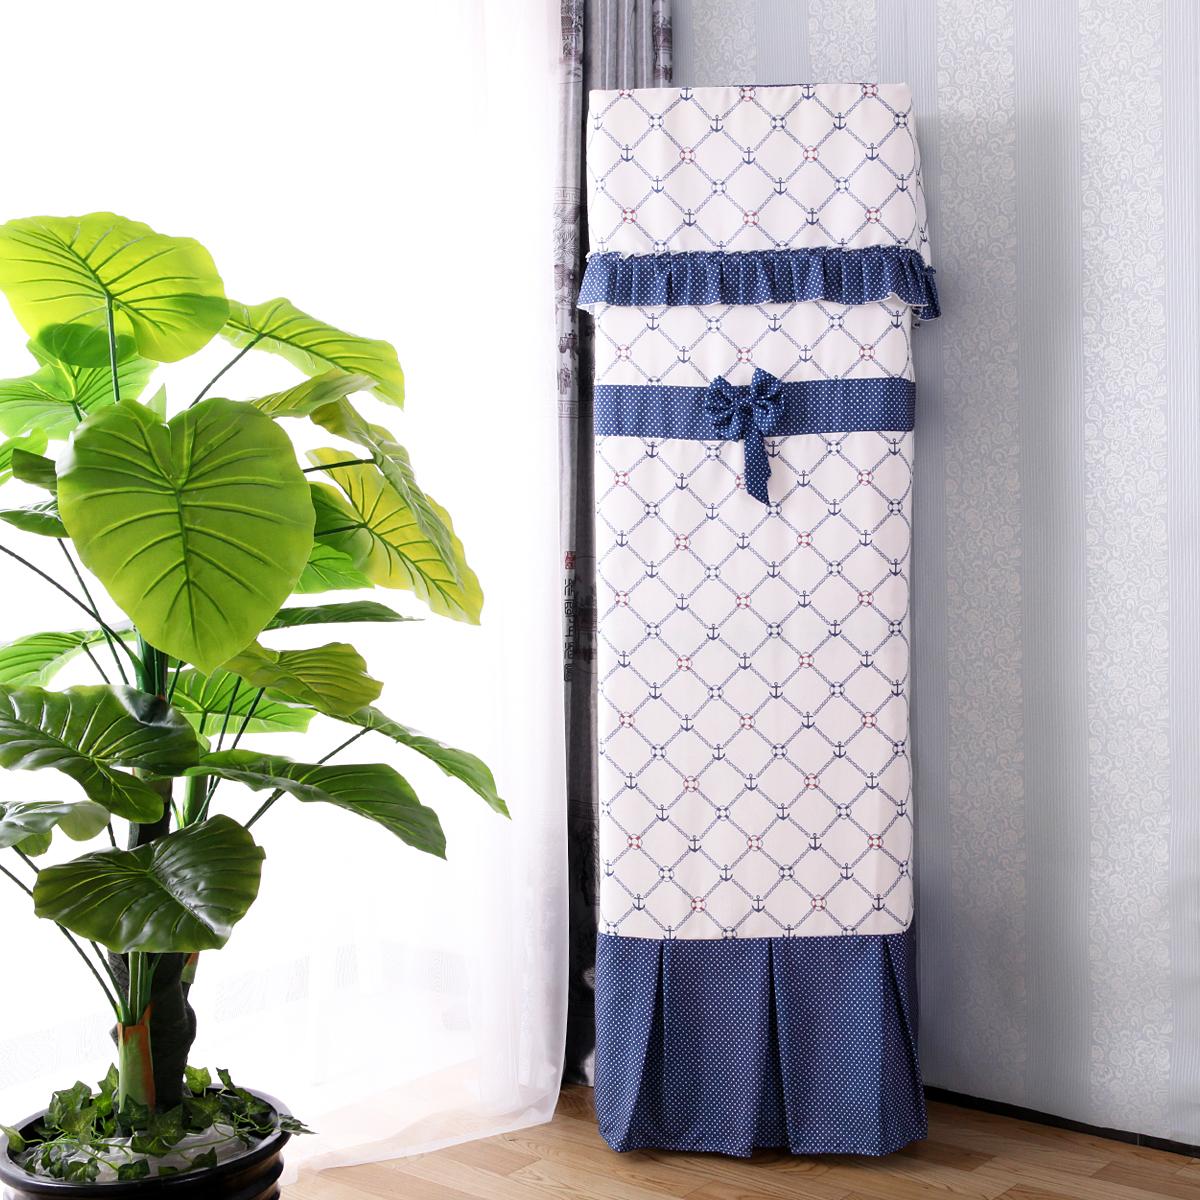 Vertikale, klimaanlage, Decken tuch bedecken Kabinett Kabinett MIT klimaanlage - spitzen 2. Drei Boot nicht aus